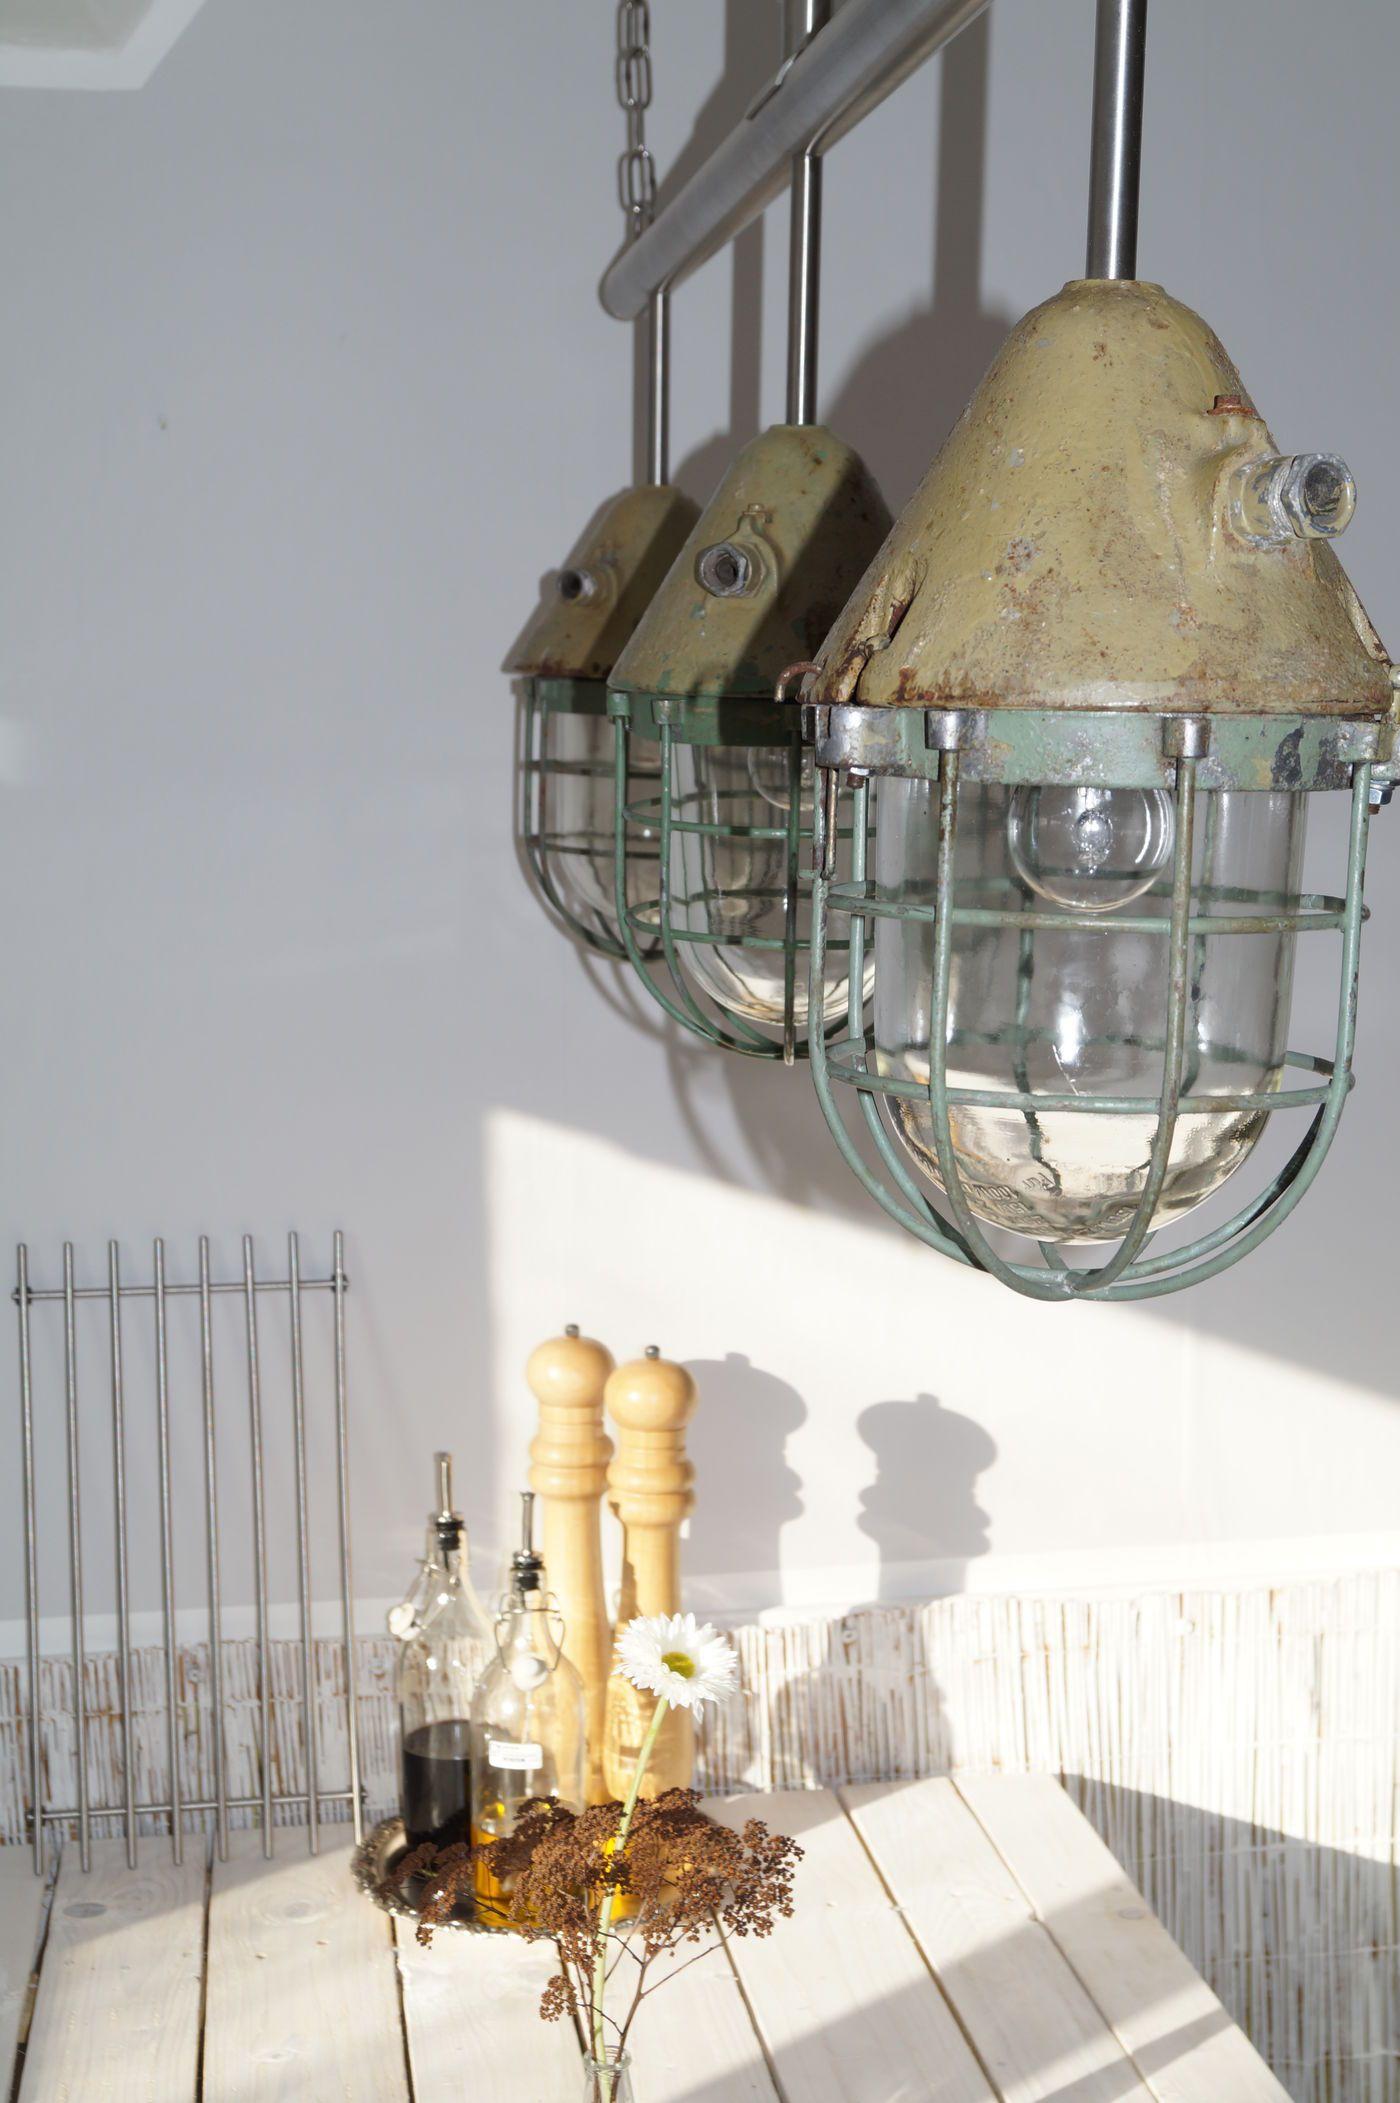 Full Size of Designer Lampen Esstisch Bad Led Massiv Ausziehbar Massivholz Sofa Für Deckenlampen Wohnzimmer Mit Stühlen Groß Küche Schlafzimmer Moderne Esstische Esstische Designer Lampen Esstisch